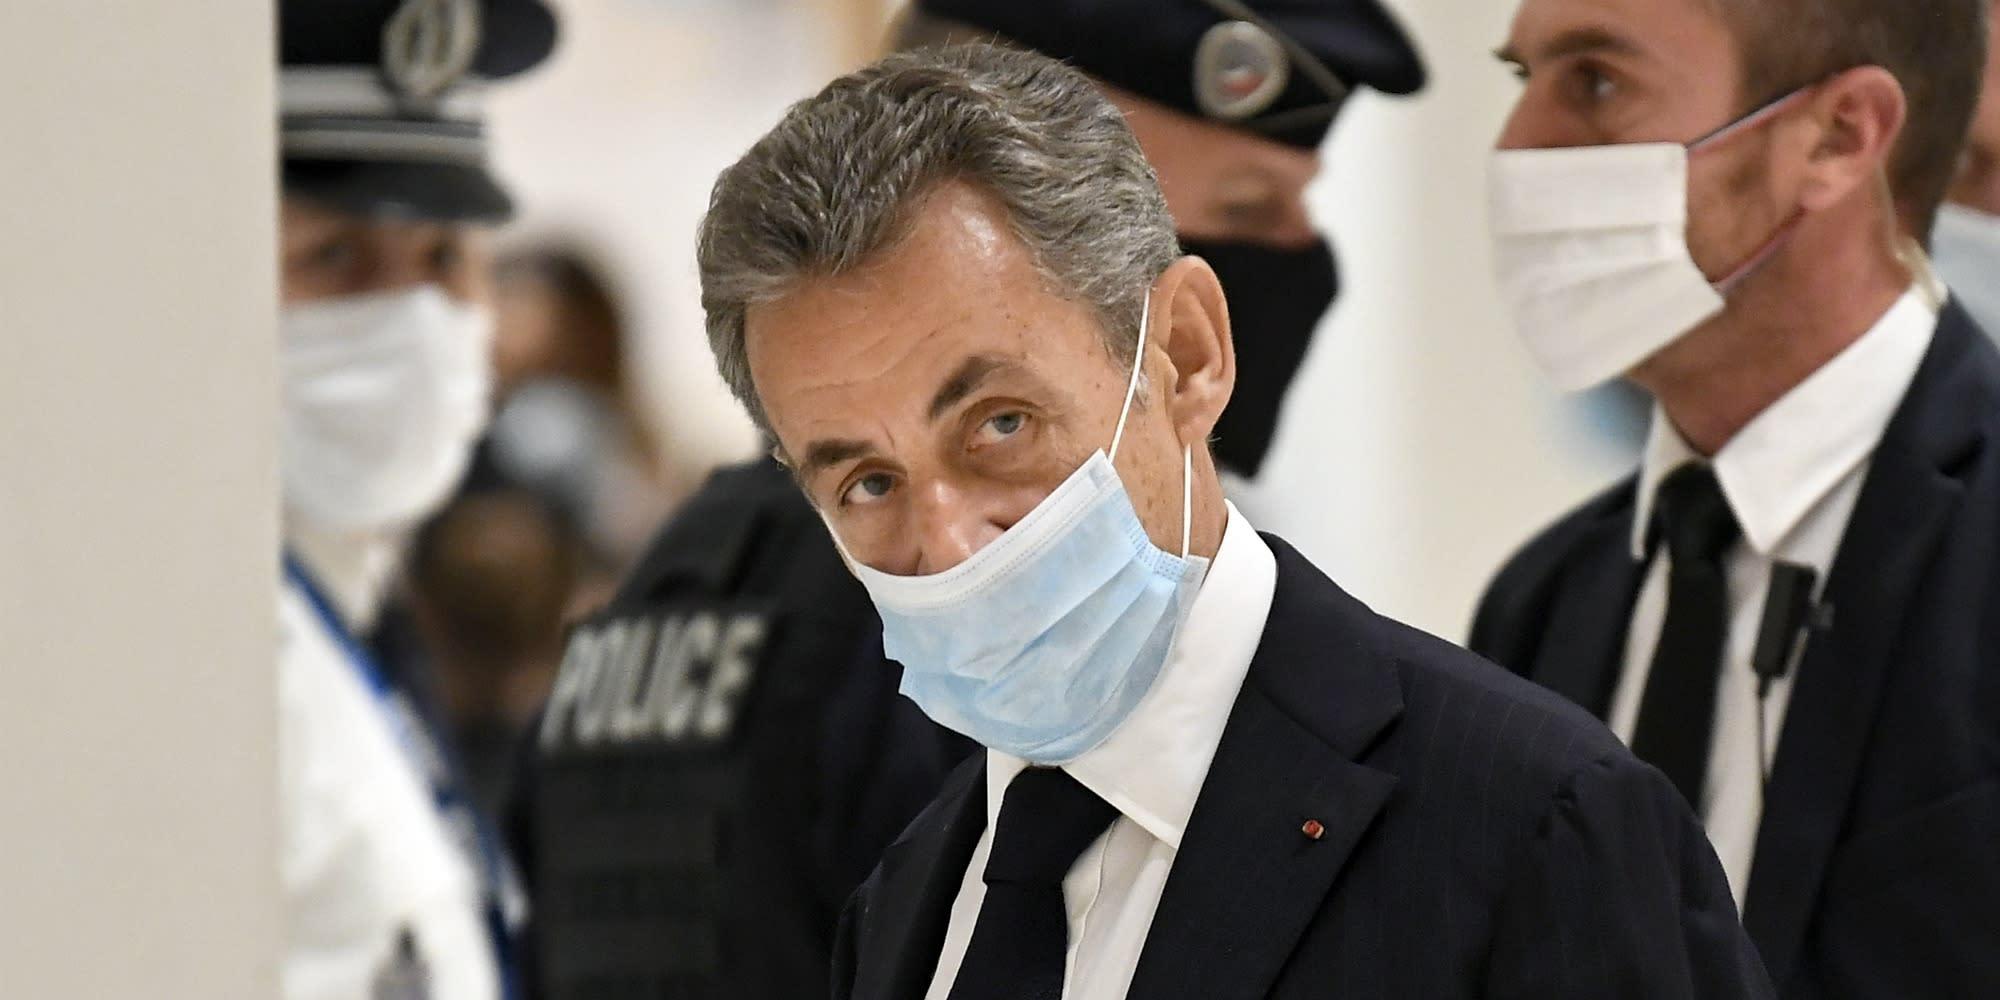 """Affaire Paul Bismuth : à la reprise de son procès, Nicolas Sarkozy dénonce des """"infamies"""""""